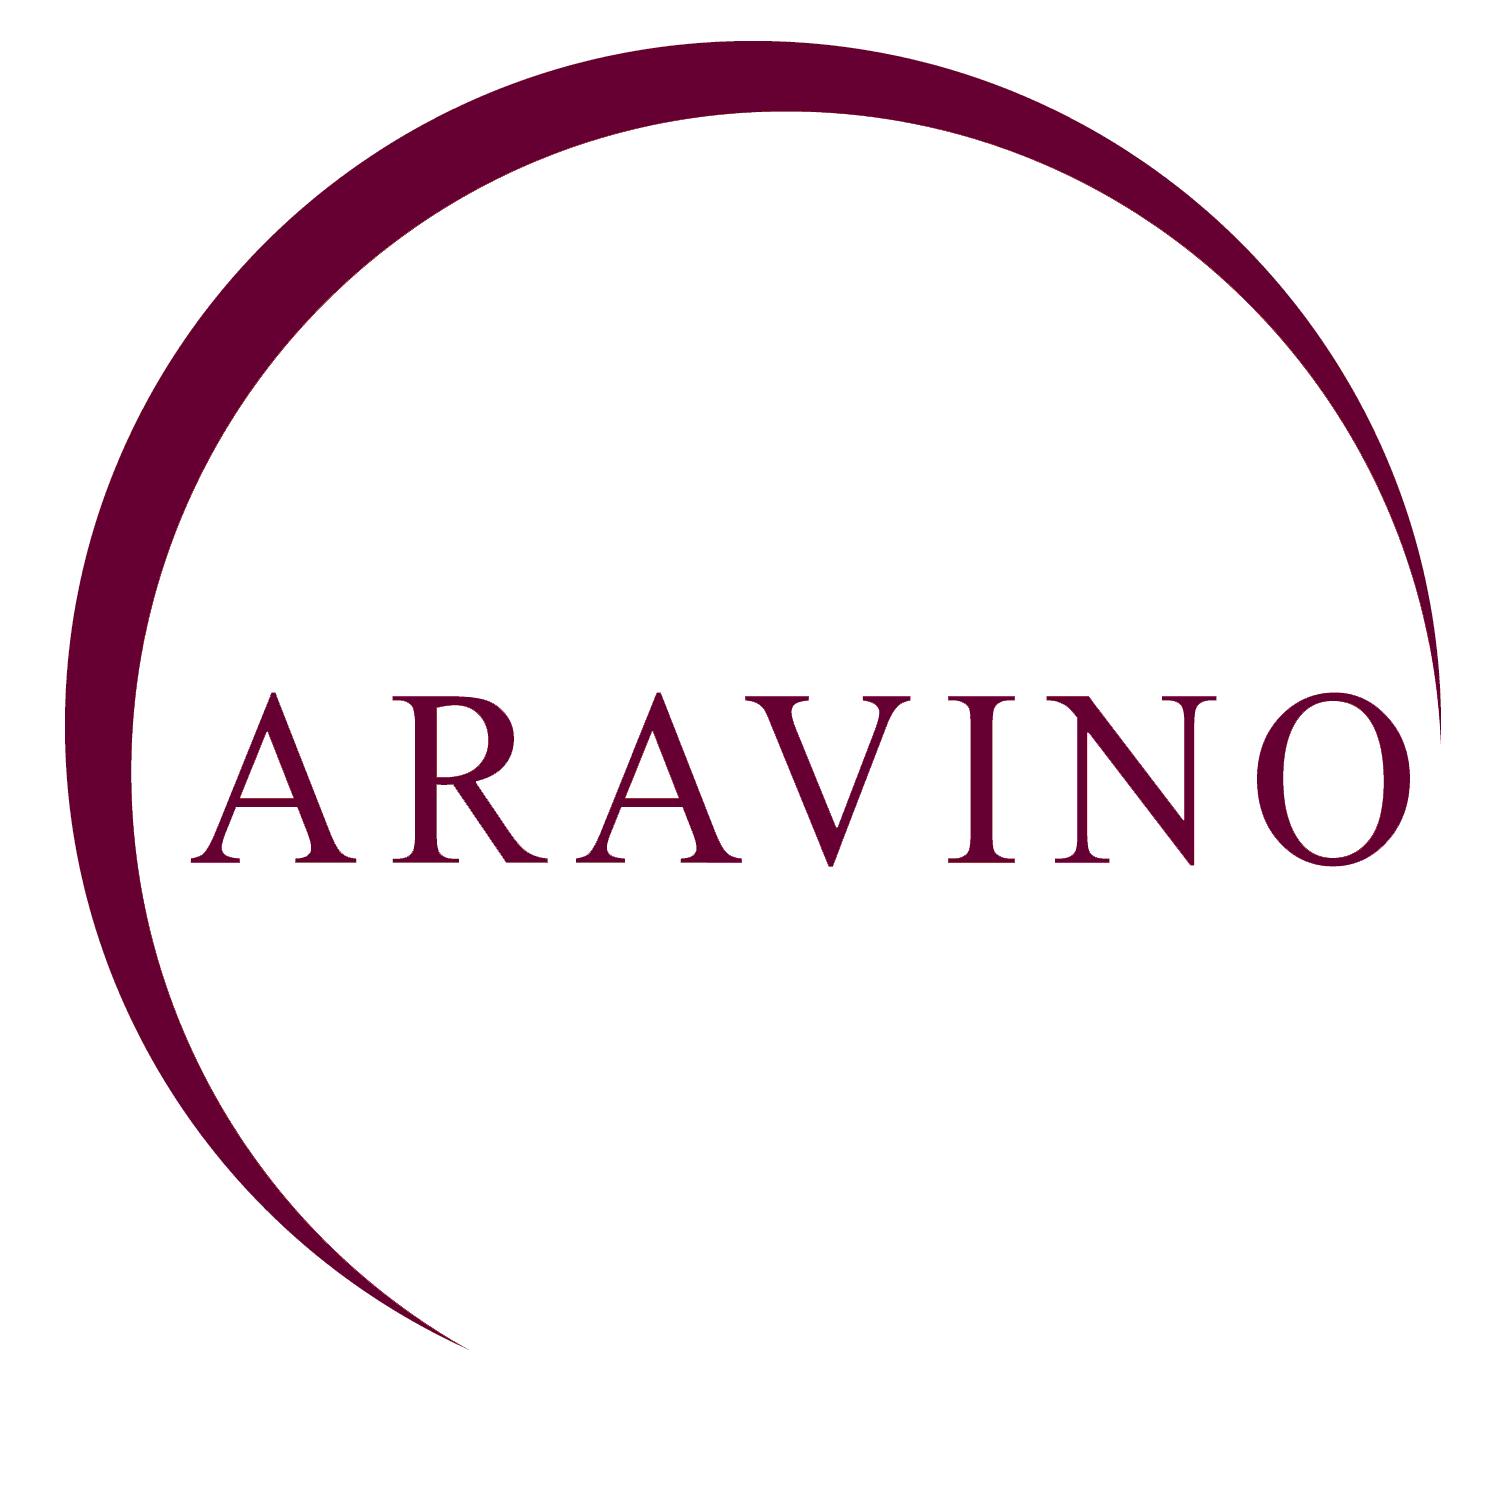 ARAVINO-GUAY